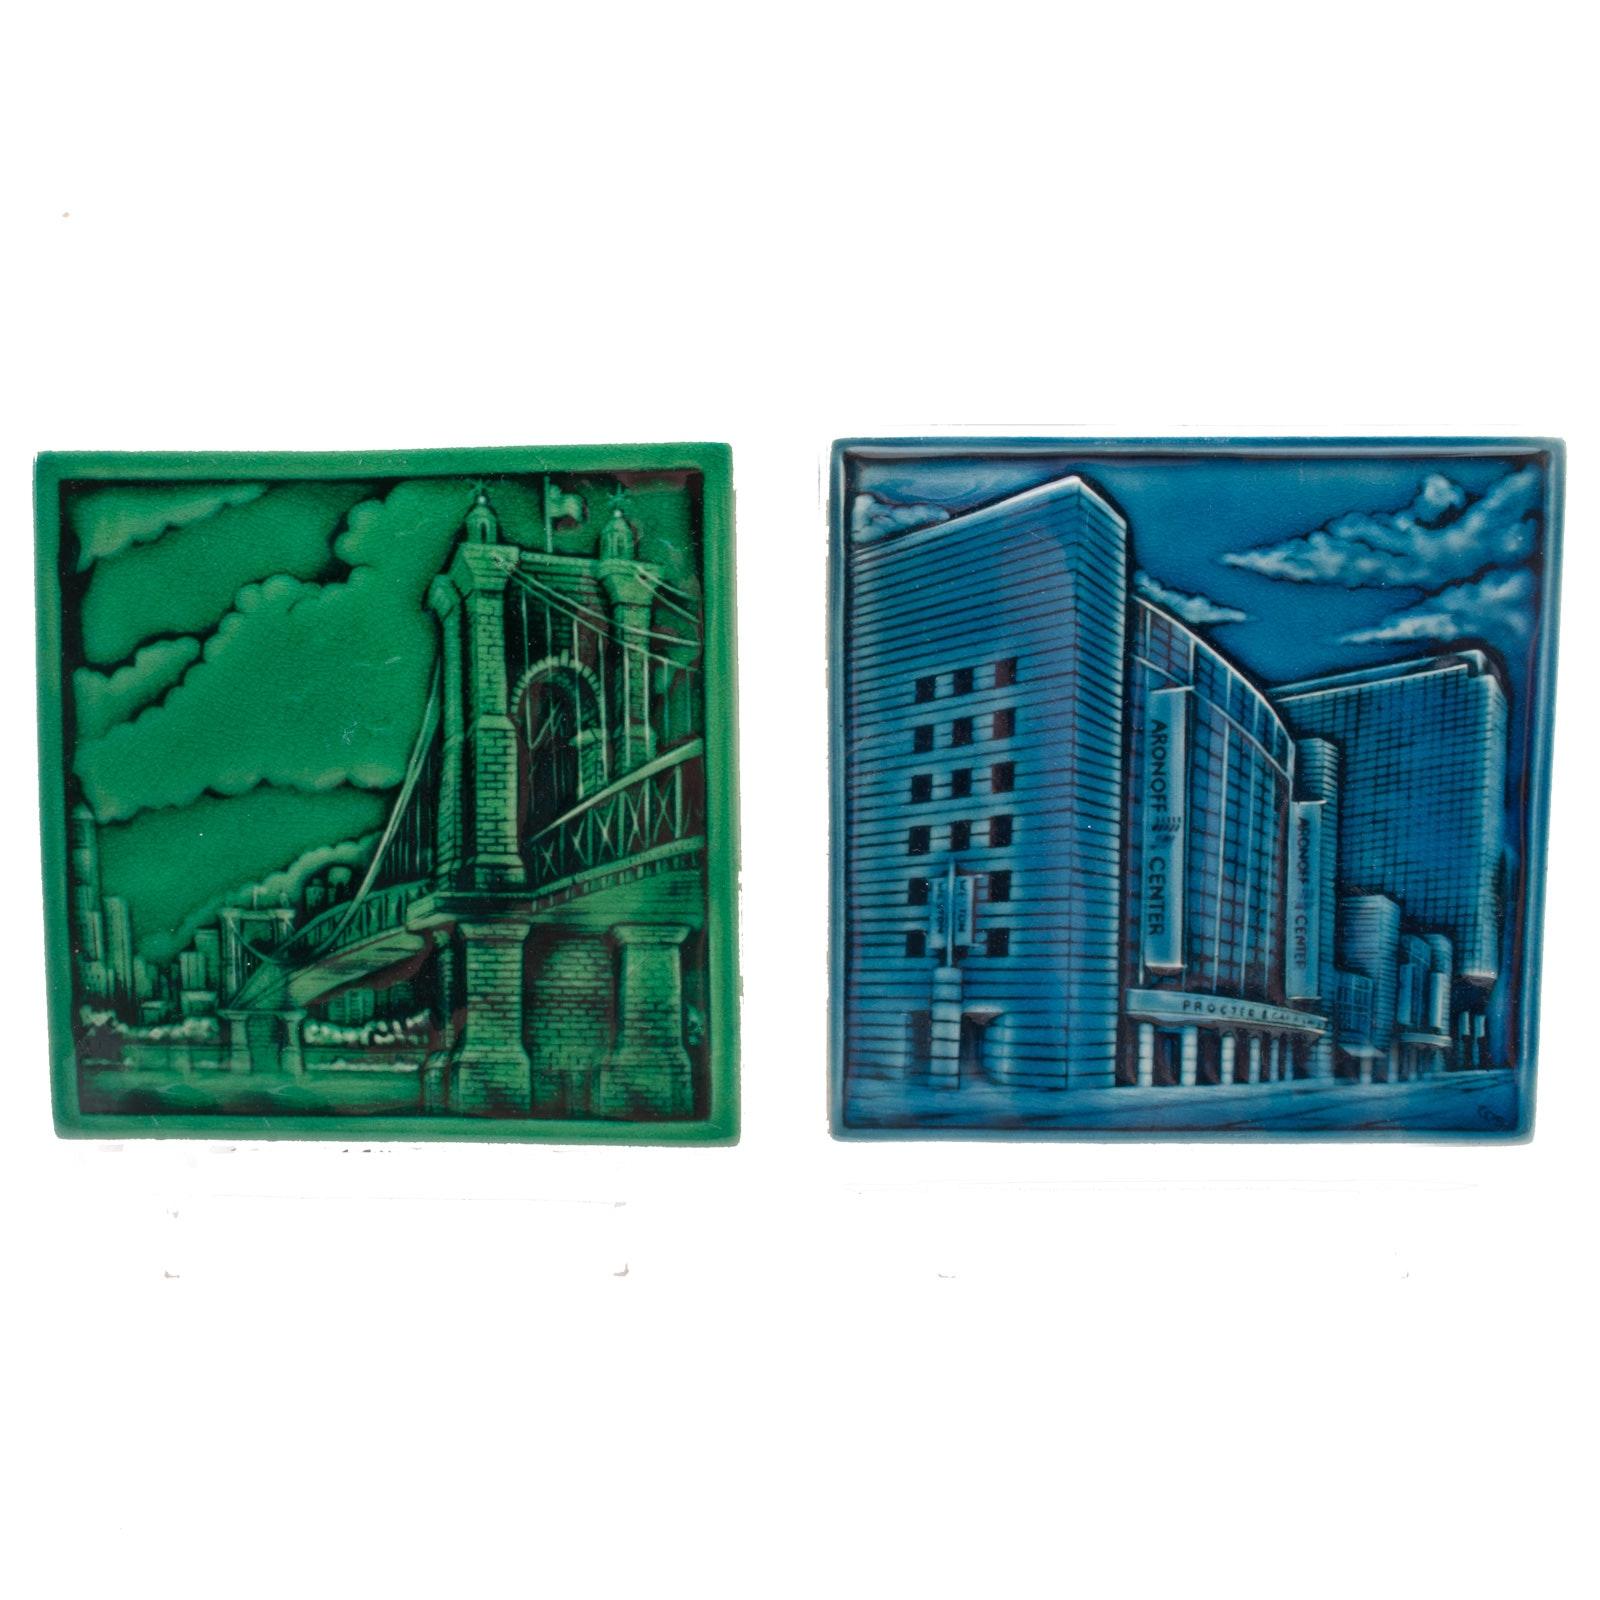 Rookwood Pottery Cincinnati Landmark Tiles